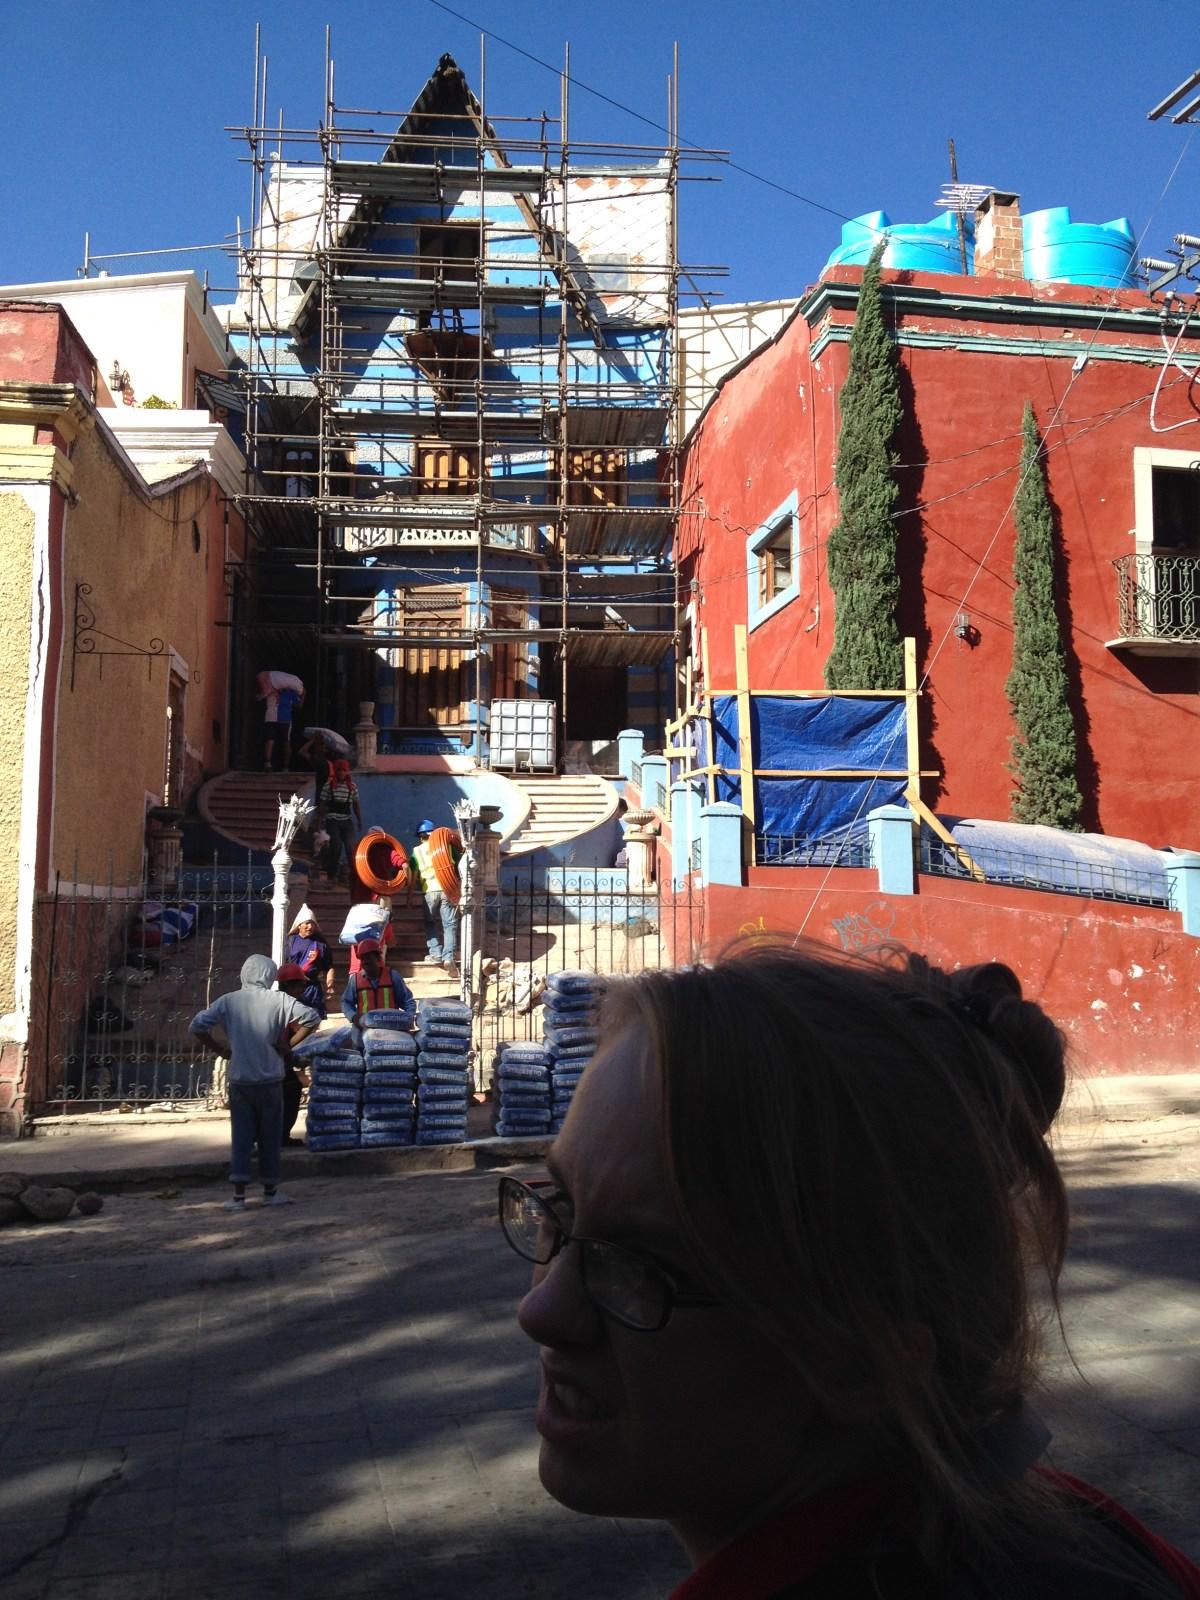 Haunted Guanajuato: Casa De Las Brujas in Guanajuato, Mexico — By Lydian Shipp